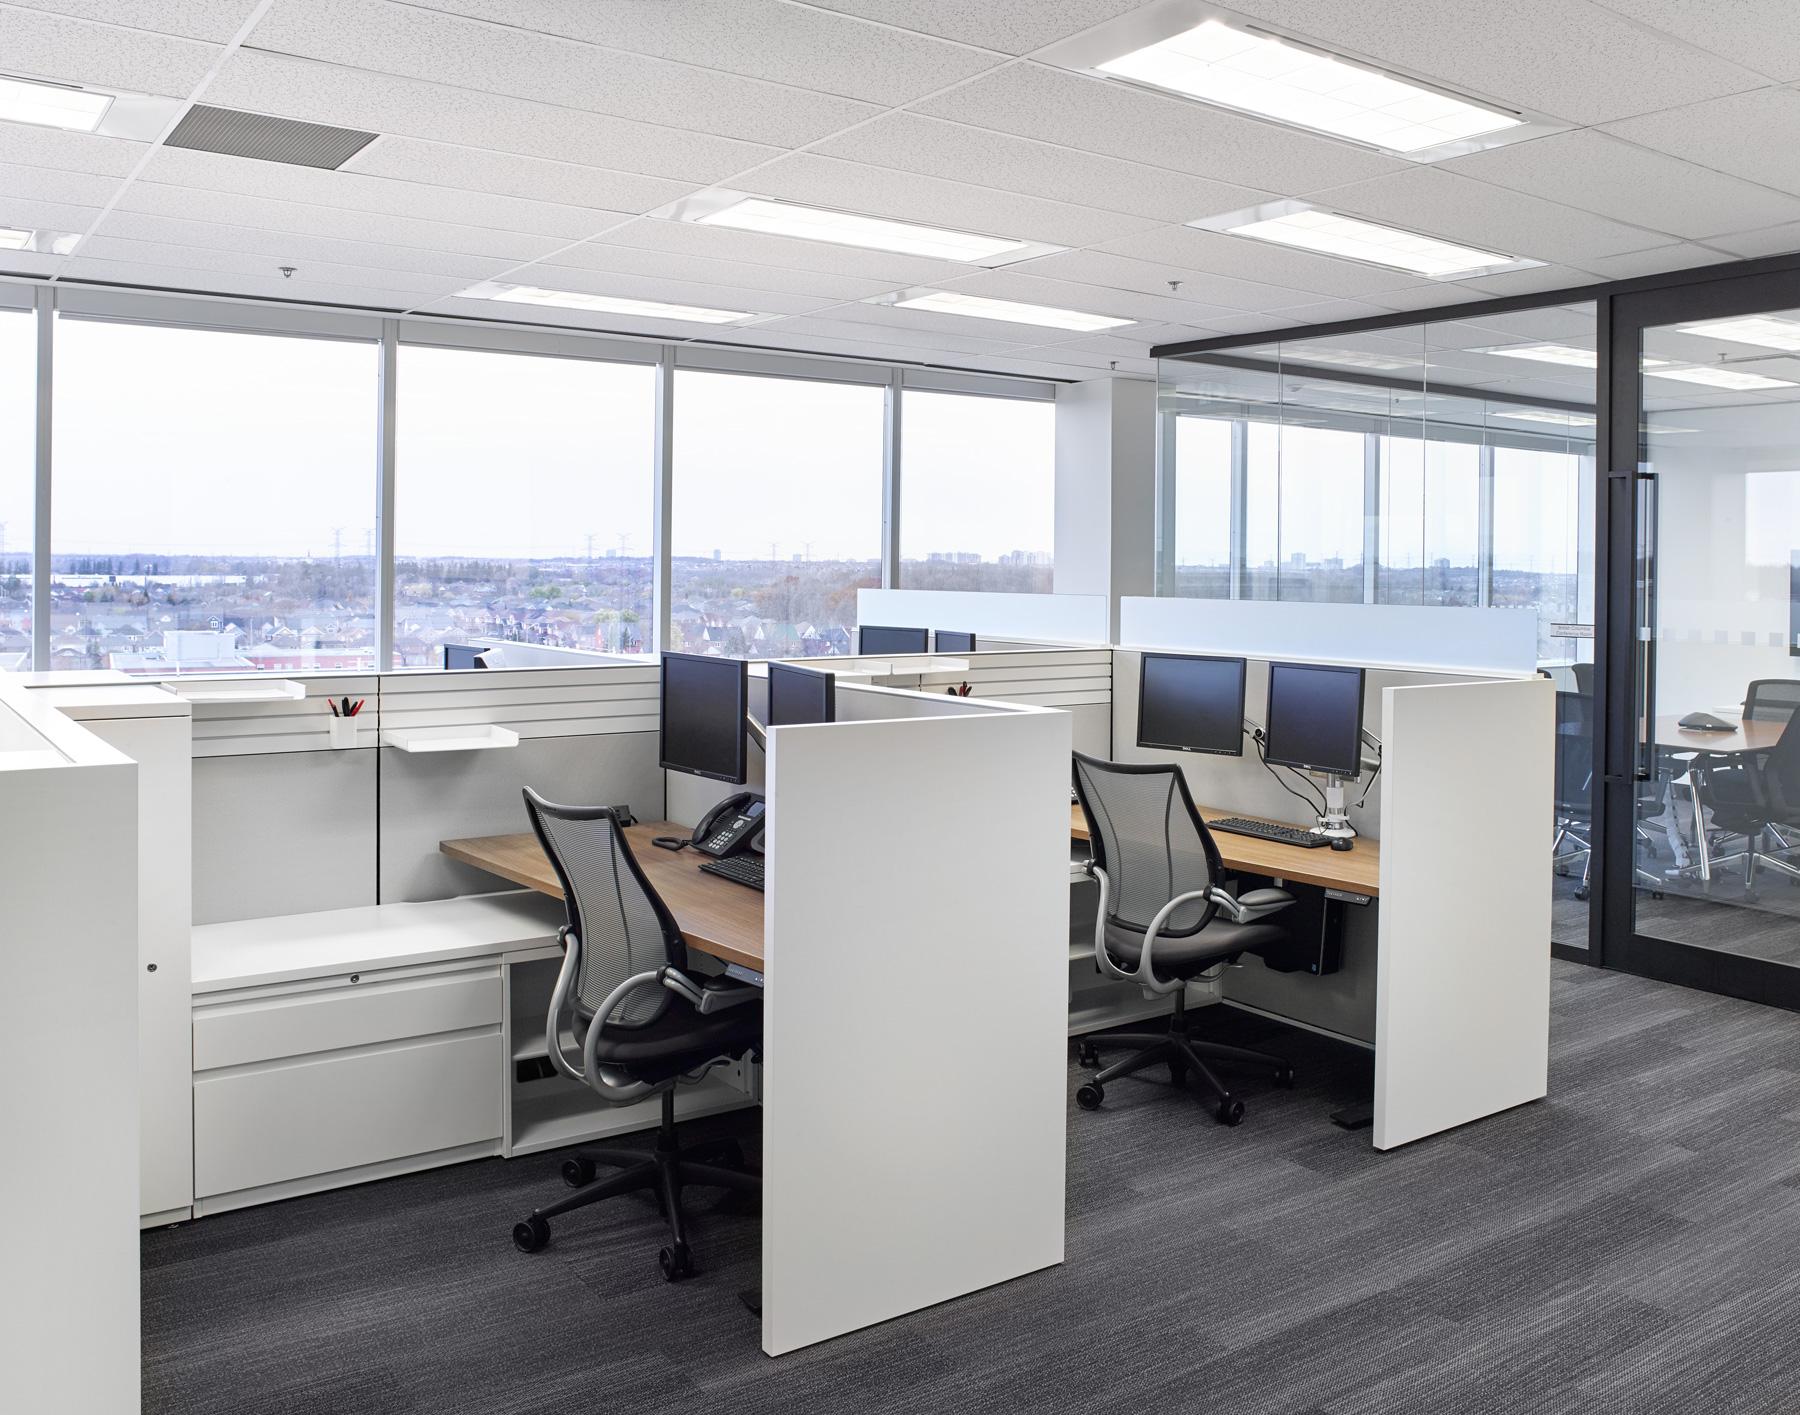 Primerica - Office 3 - Nov. 2018.jpg